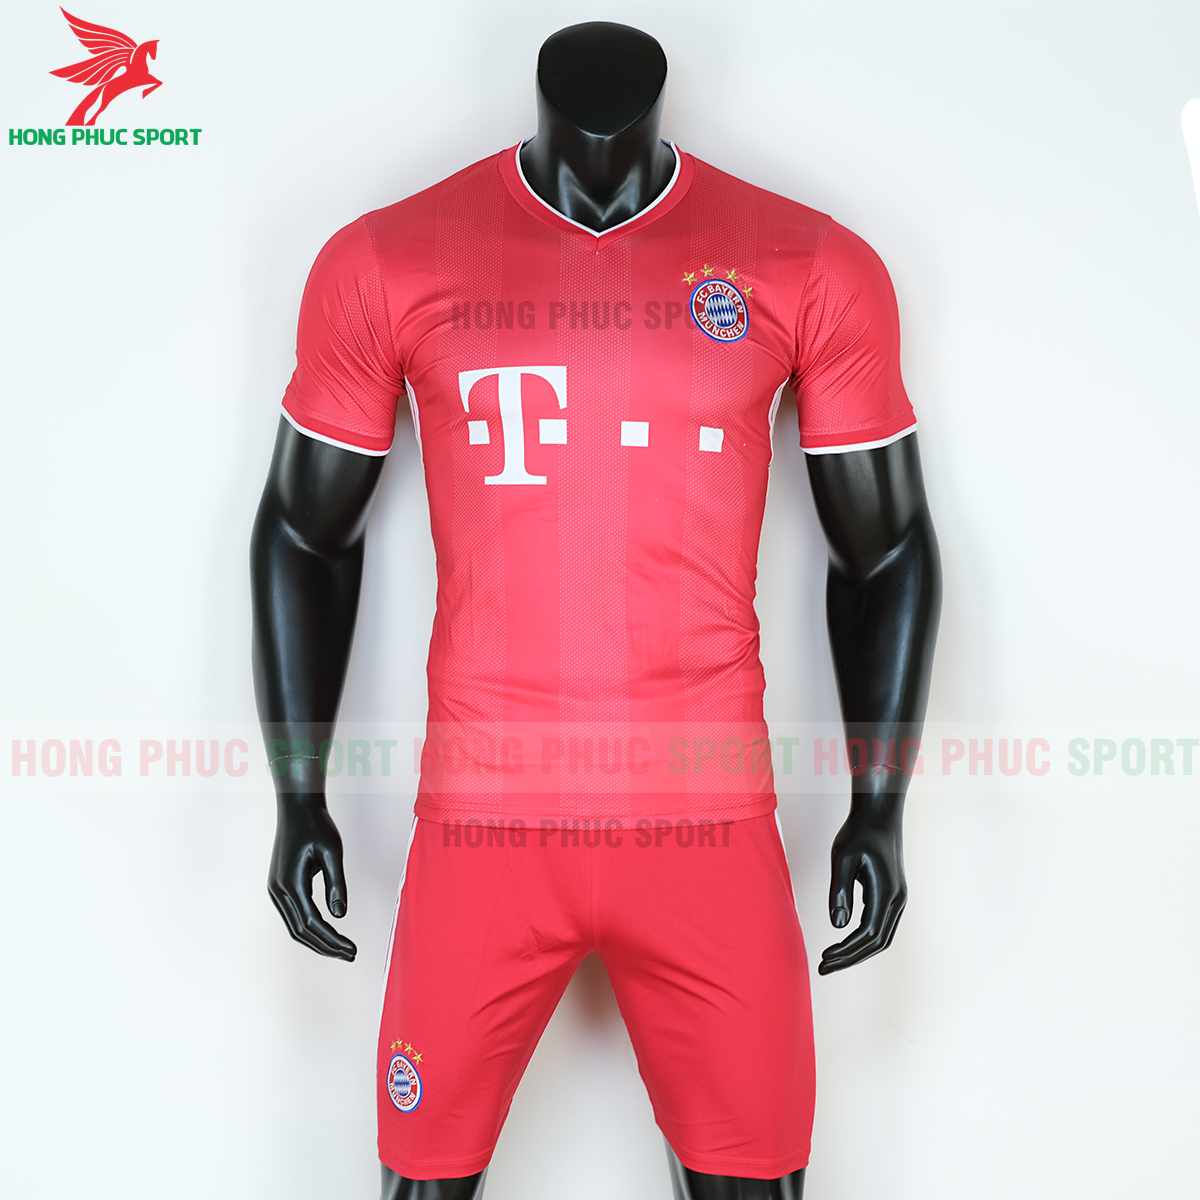 https://cdn.hongphucsport.com/unsafe/s4.shopbay.vn/files/285/ao-bong-da-bayern-munich-2020-2021-san-nha-truoc-5f6d5b8a80d56.png